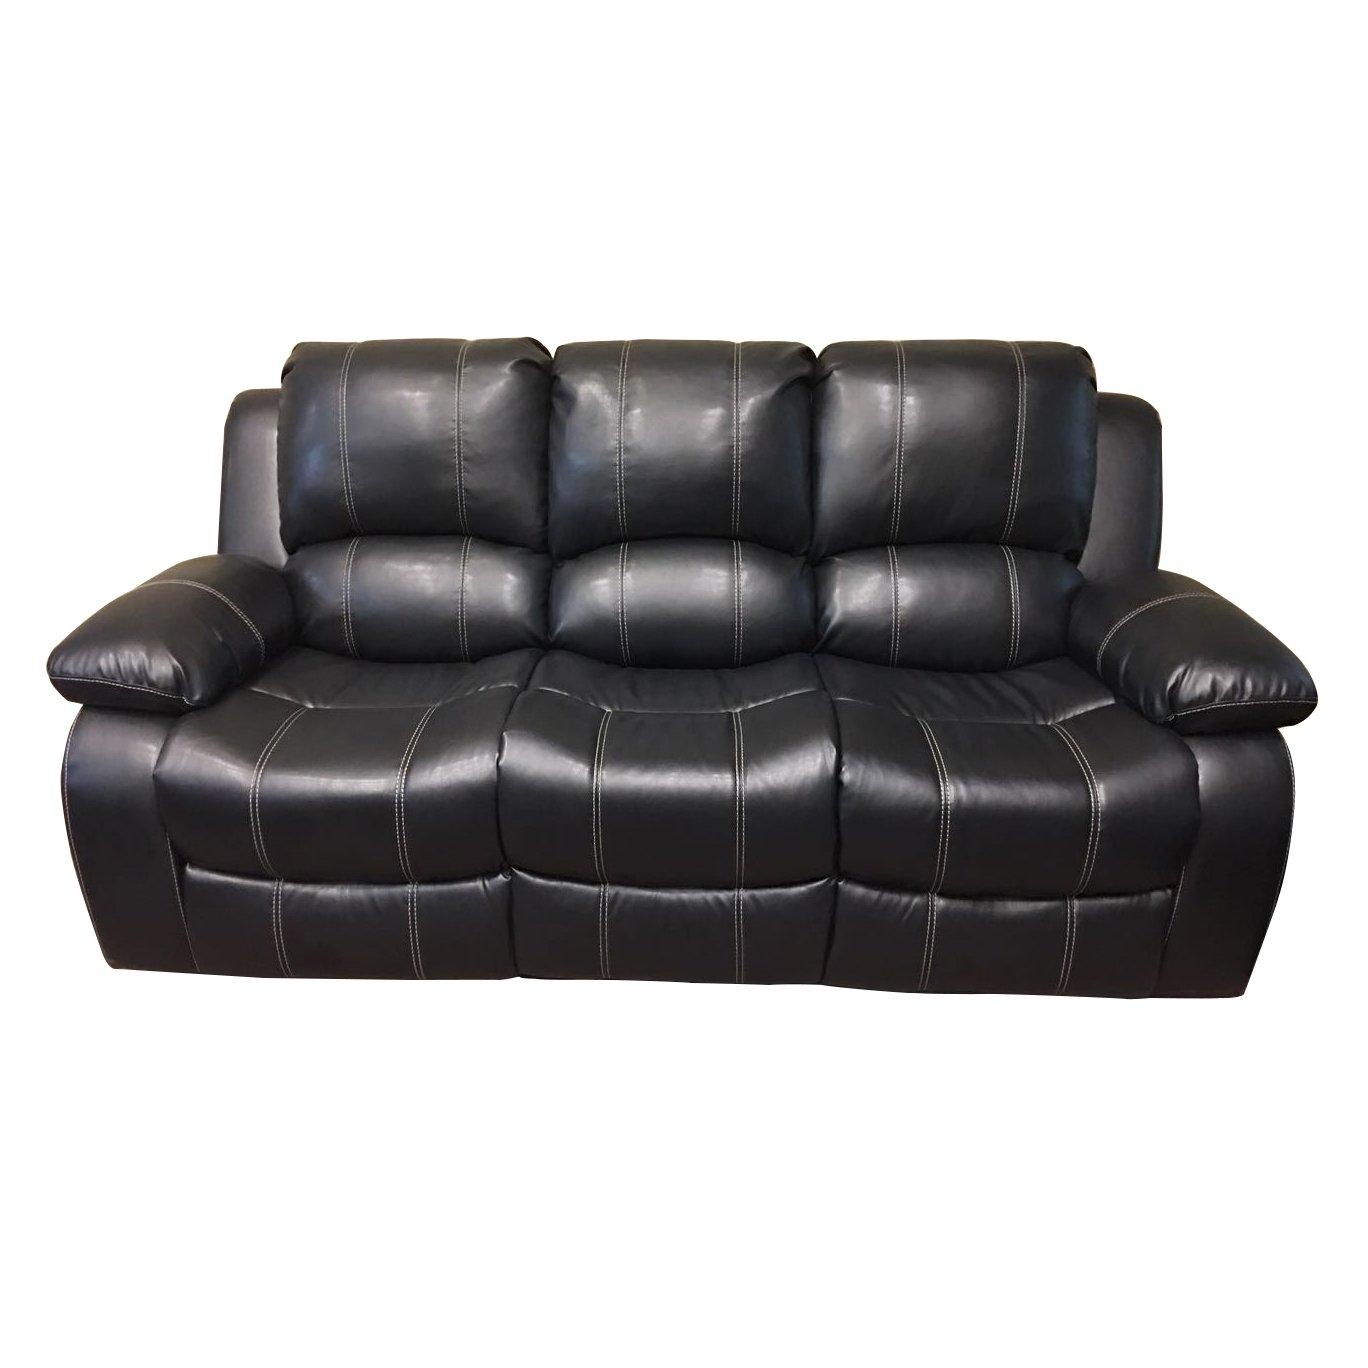 Amazon.com: Coja por sofa4life lilbum sofá de piel sintética ...